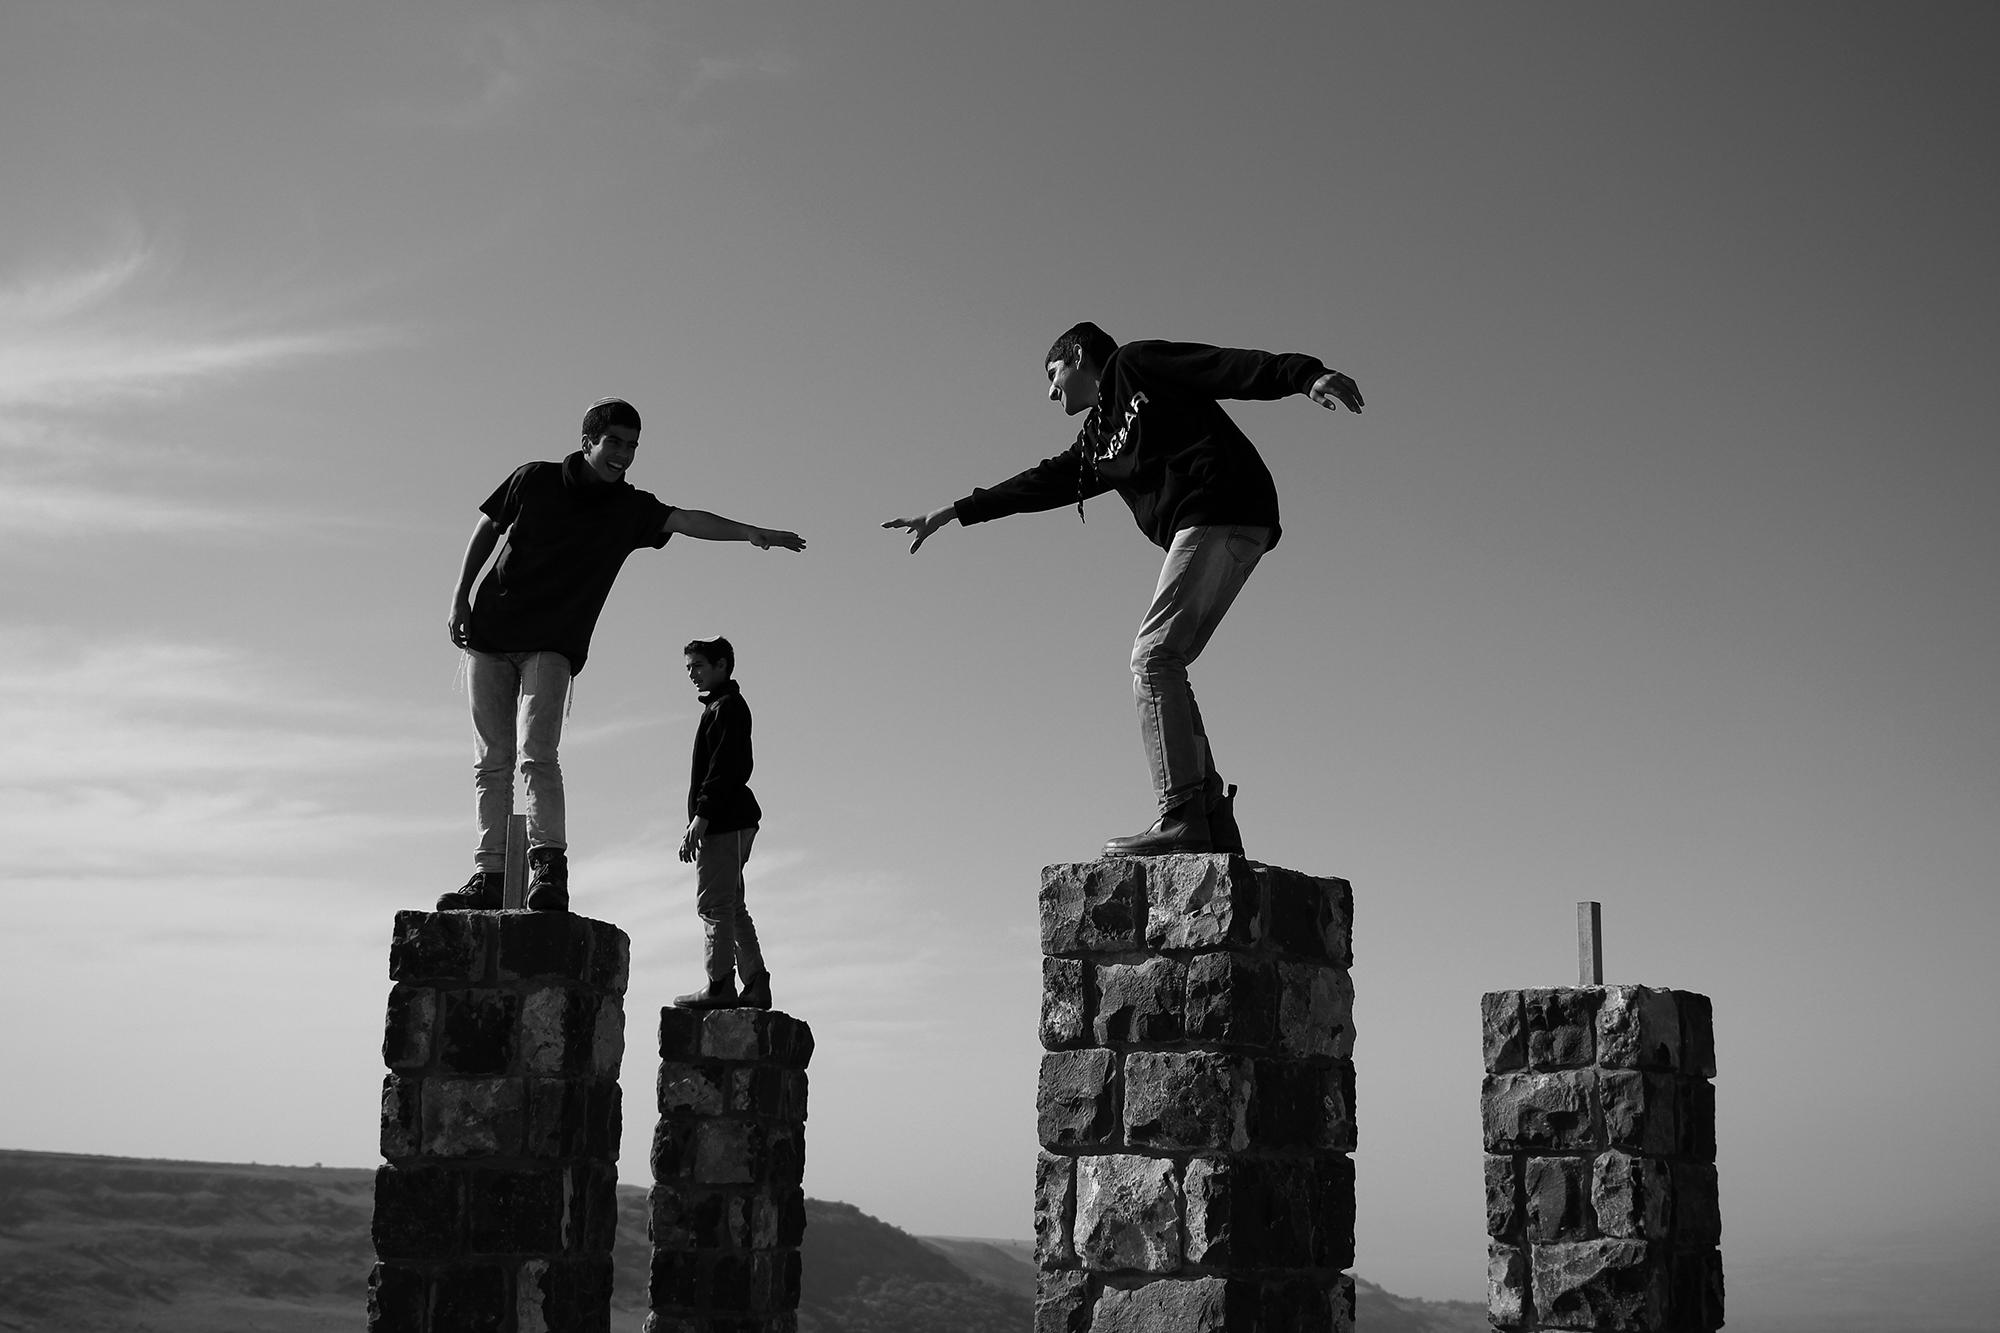 'Freedom,' taken at Gamla in Golan Heights, Israel. View across Gamla in Golan Heights, Israel. Travel photography by Geena Matuson @geenamatuson #thegirlmirage.